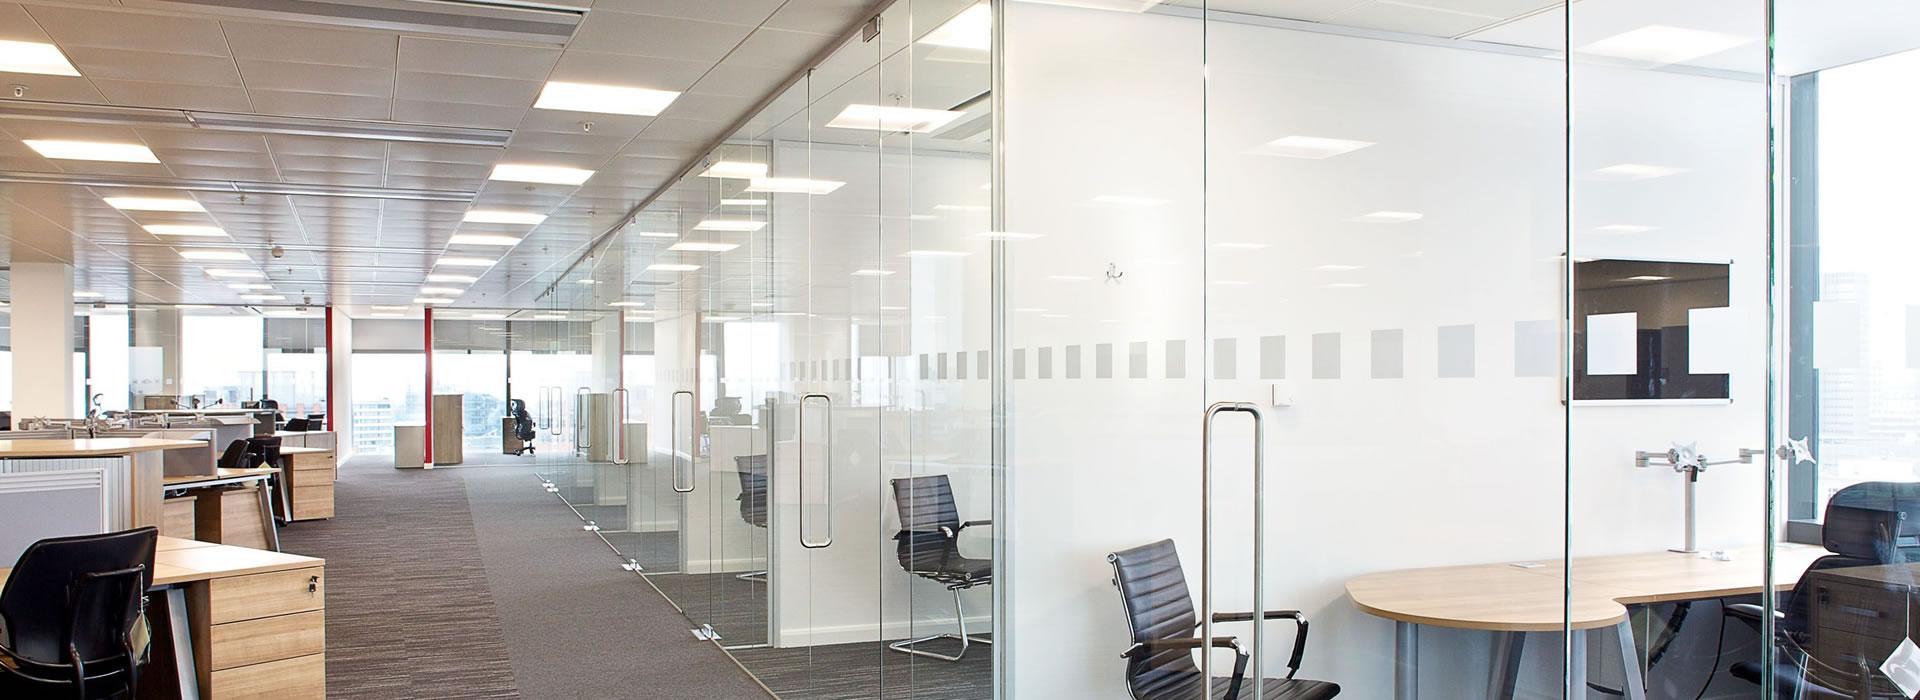 Çağdaş Ofis Bölme Sistemleri